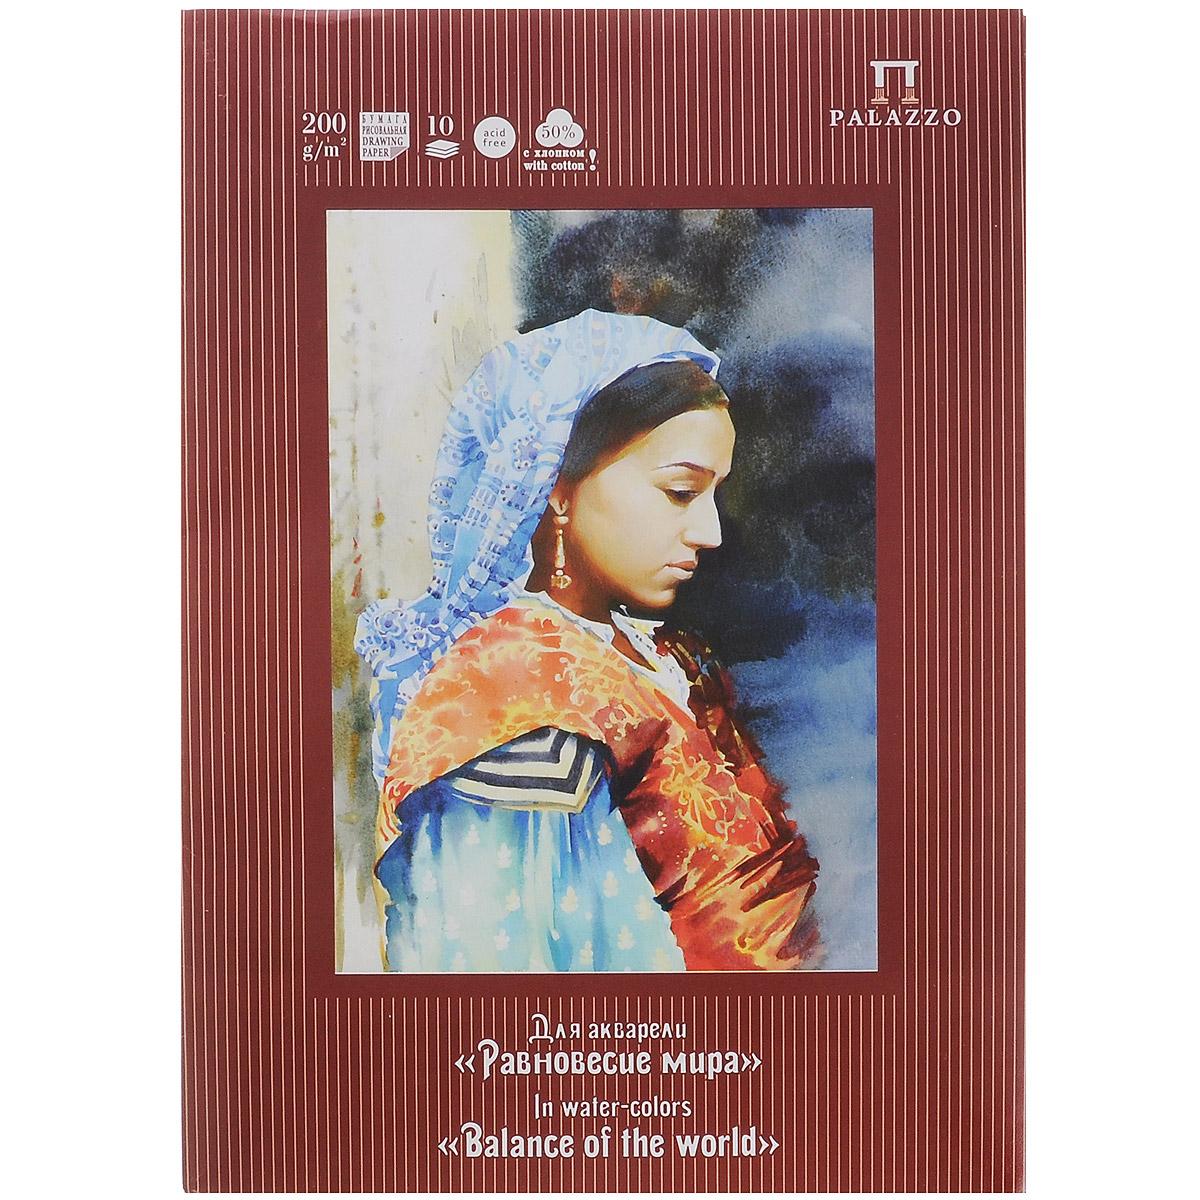 Папка для акварели Palazzo  Равновесие мира , 10 листов, формат А3 -  Бумага и картон